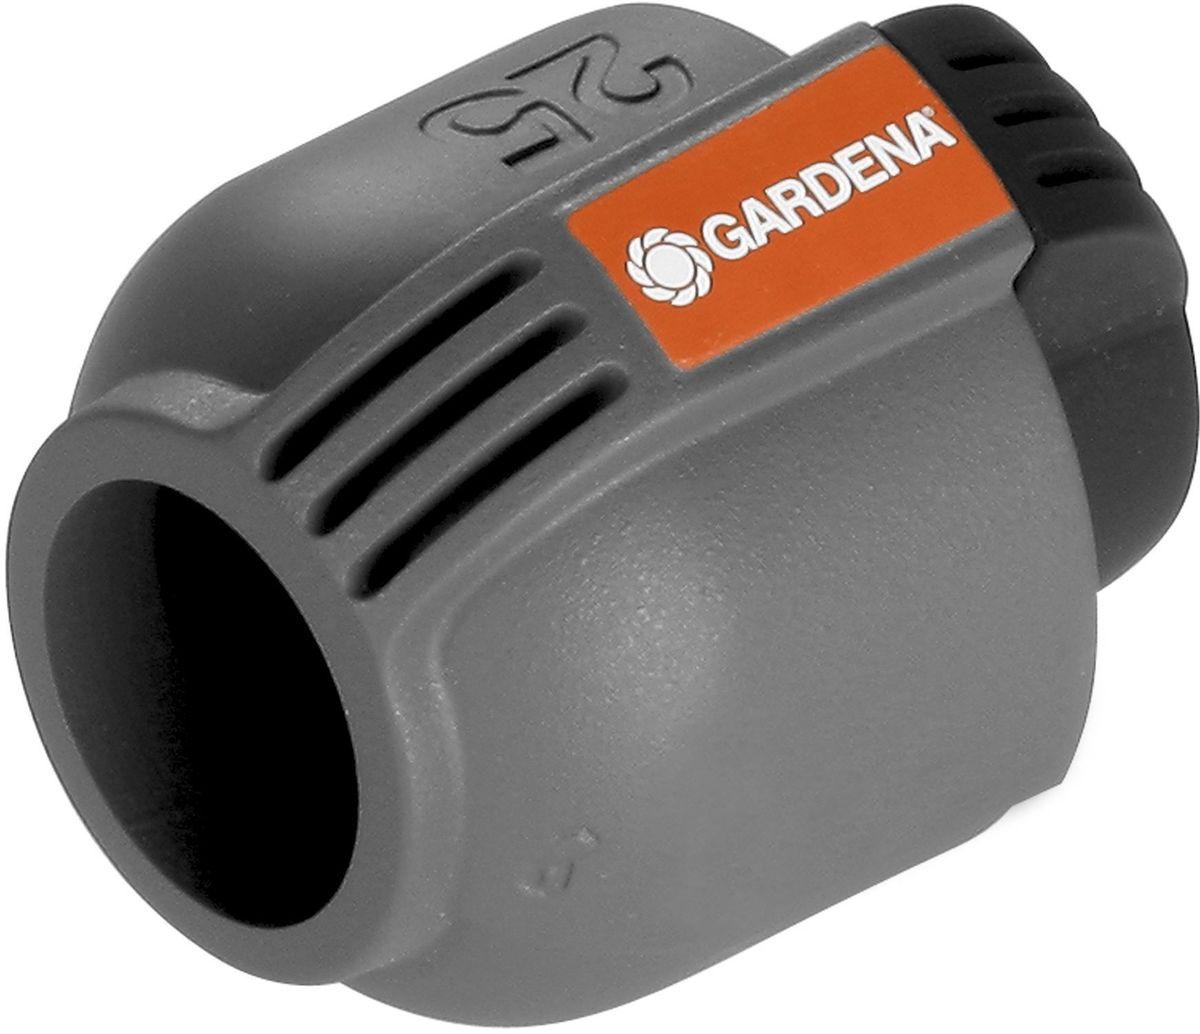 Заглушка Gardena, 25 мм106-026Пластиковая заглушка Gardena, входящая в систему дождевания Gardena Sprinklersystem, предназначена для безопасного замыкания подающего шланга. Благодаря запатентованной технологии простого соединения Quick & Easy, соединение/разъединение труб осуществляется без инструментов, простым поворотом резьбового фитинга на 140°.